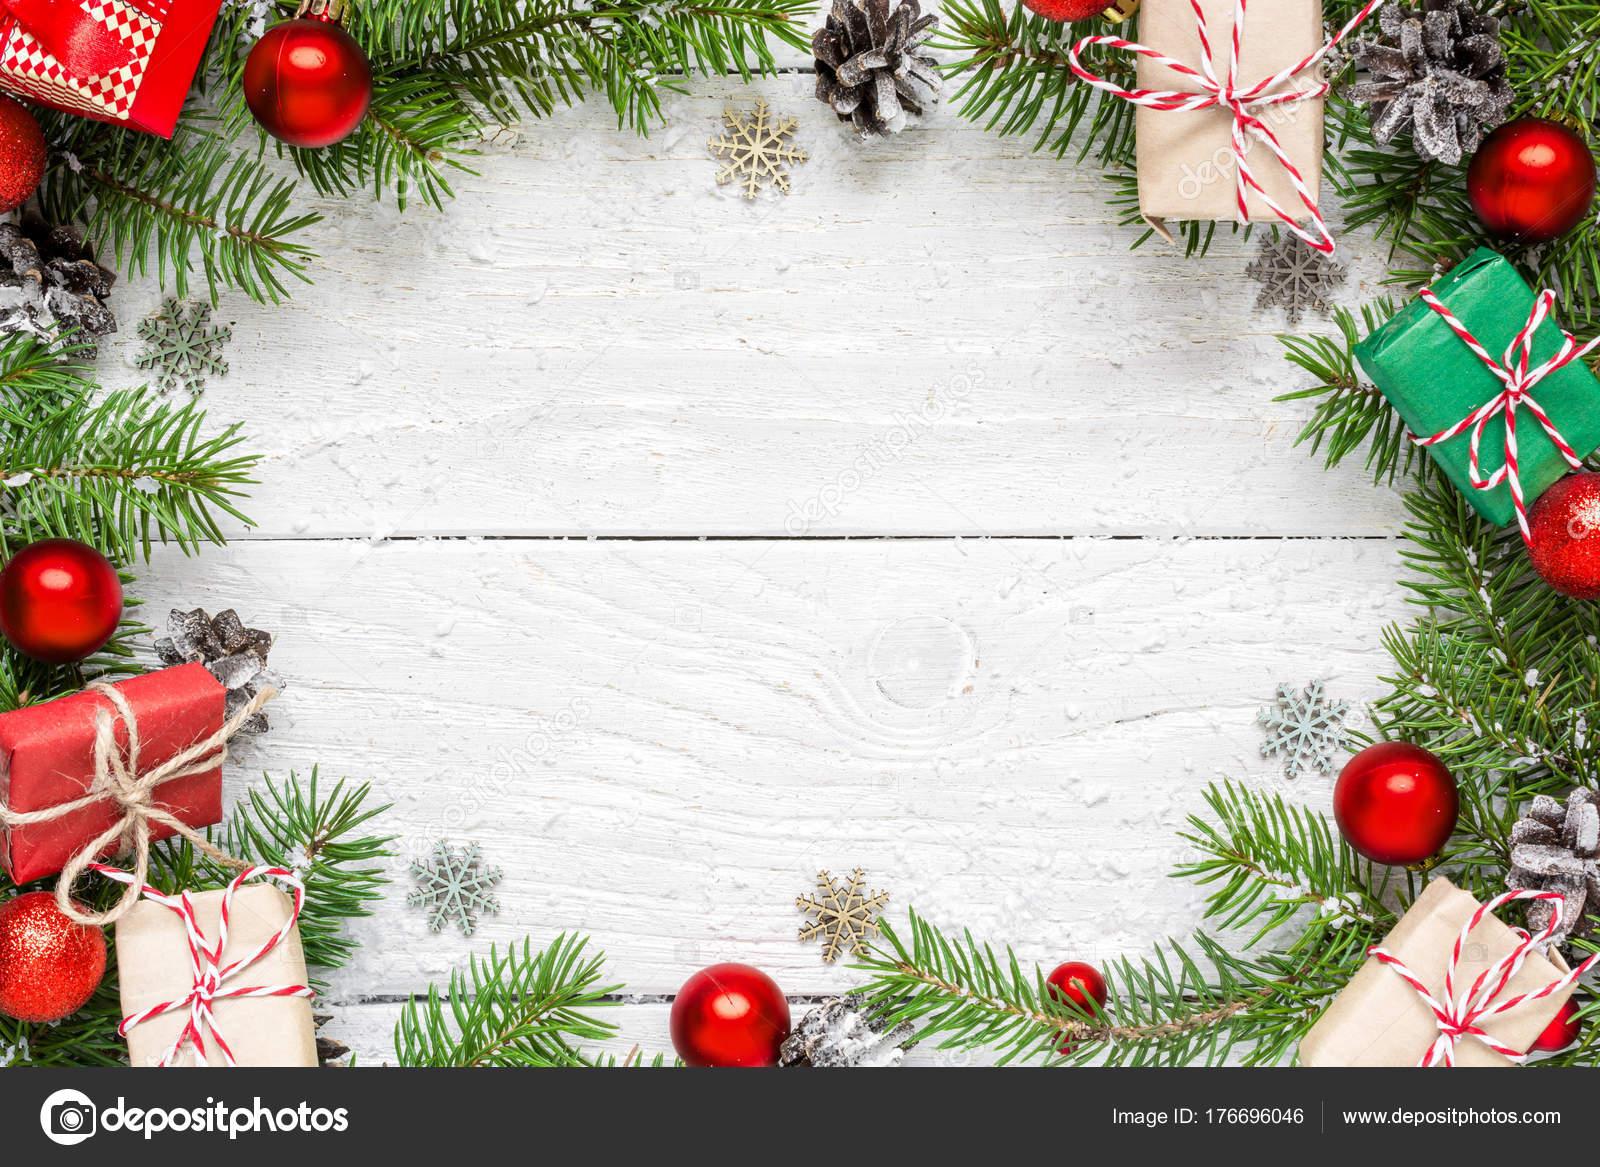 weihnachten rahmen aus tannenzweigen festliche dekorationen geschenk boxen und tannenzapfen. Black Bedroom Furniture Sets. Home Design Ideas